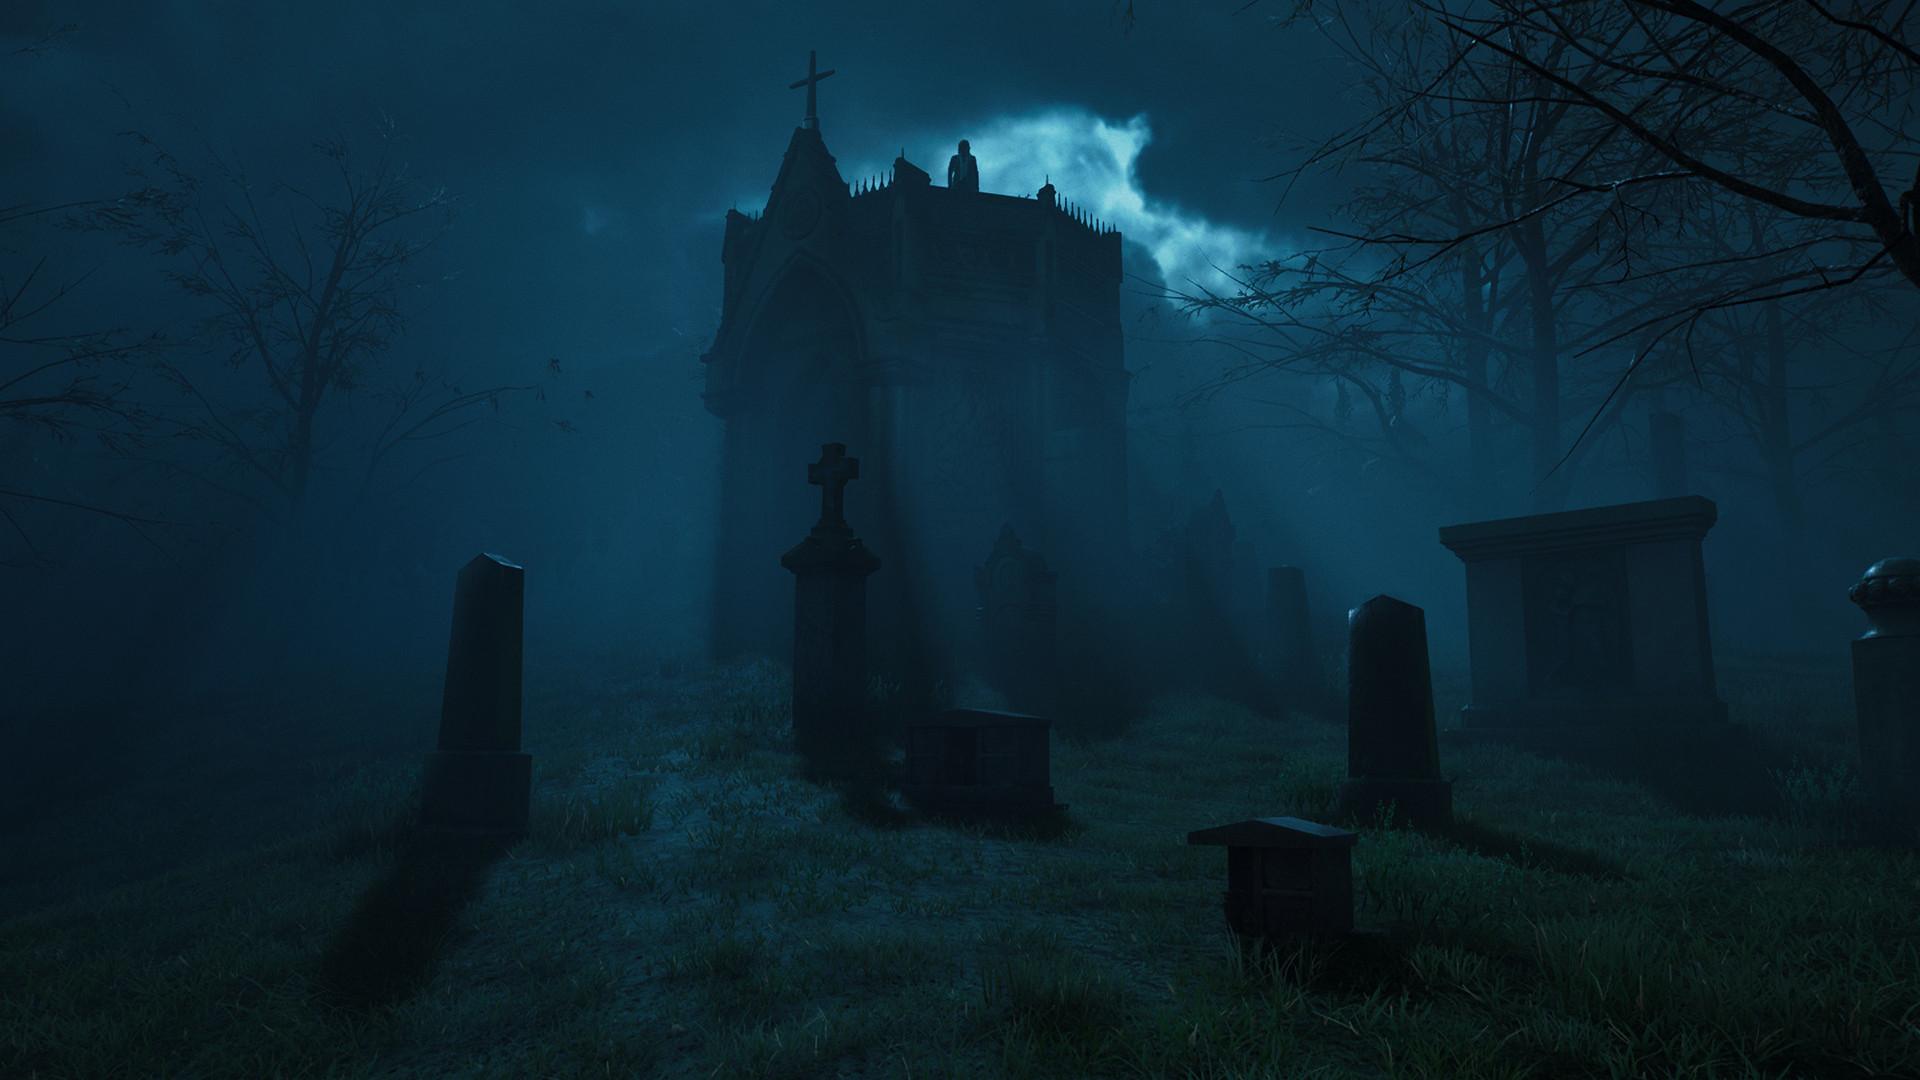 سی دی کی اریجینال استیم بازی Vampire: The Masquerade - Bloodlines 2: Unsanctioned Edition